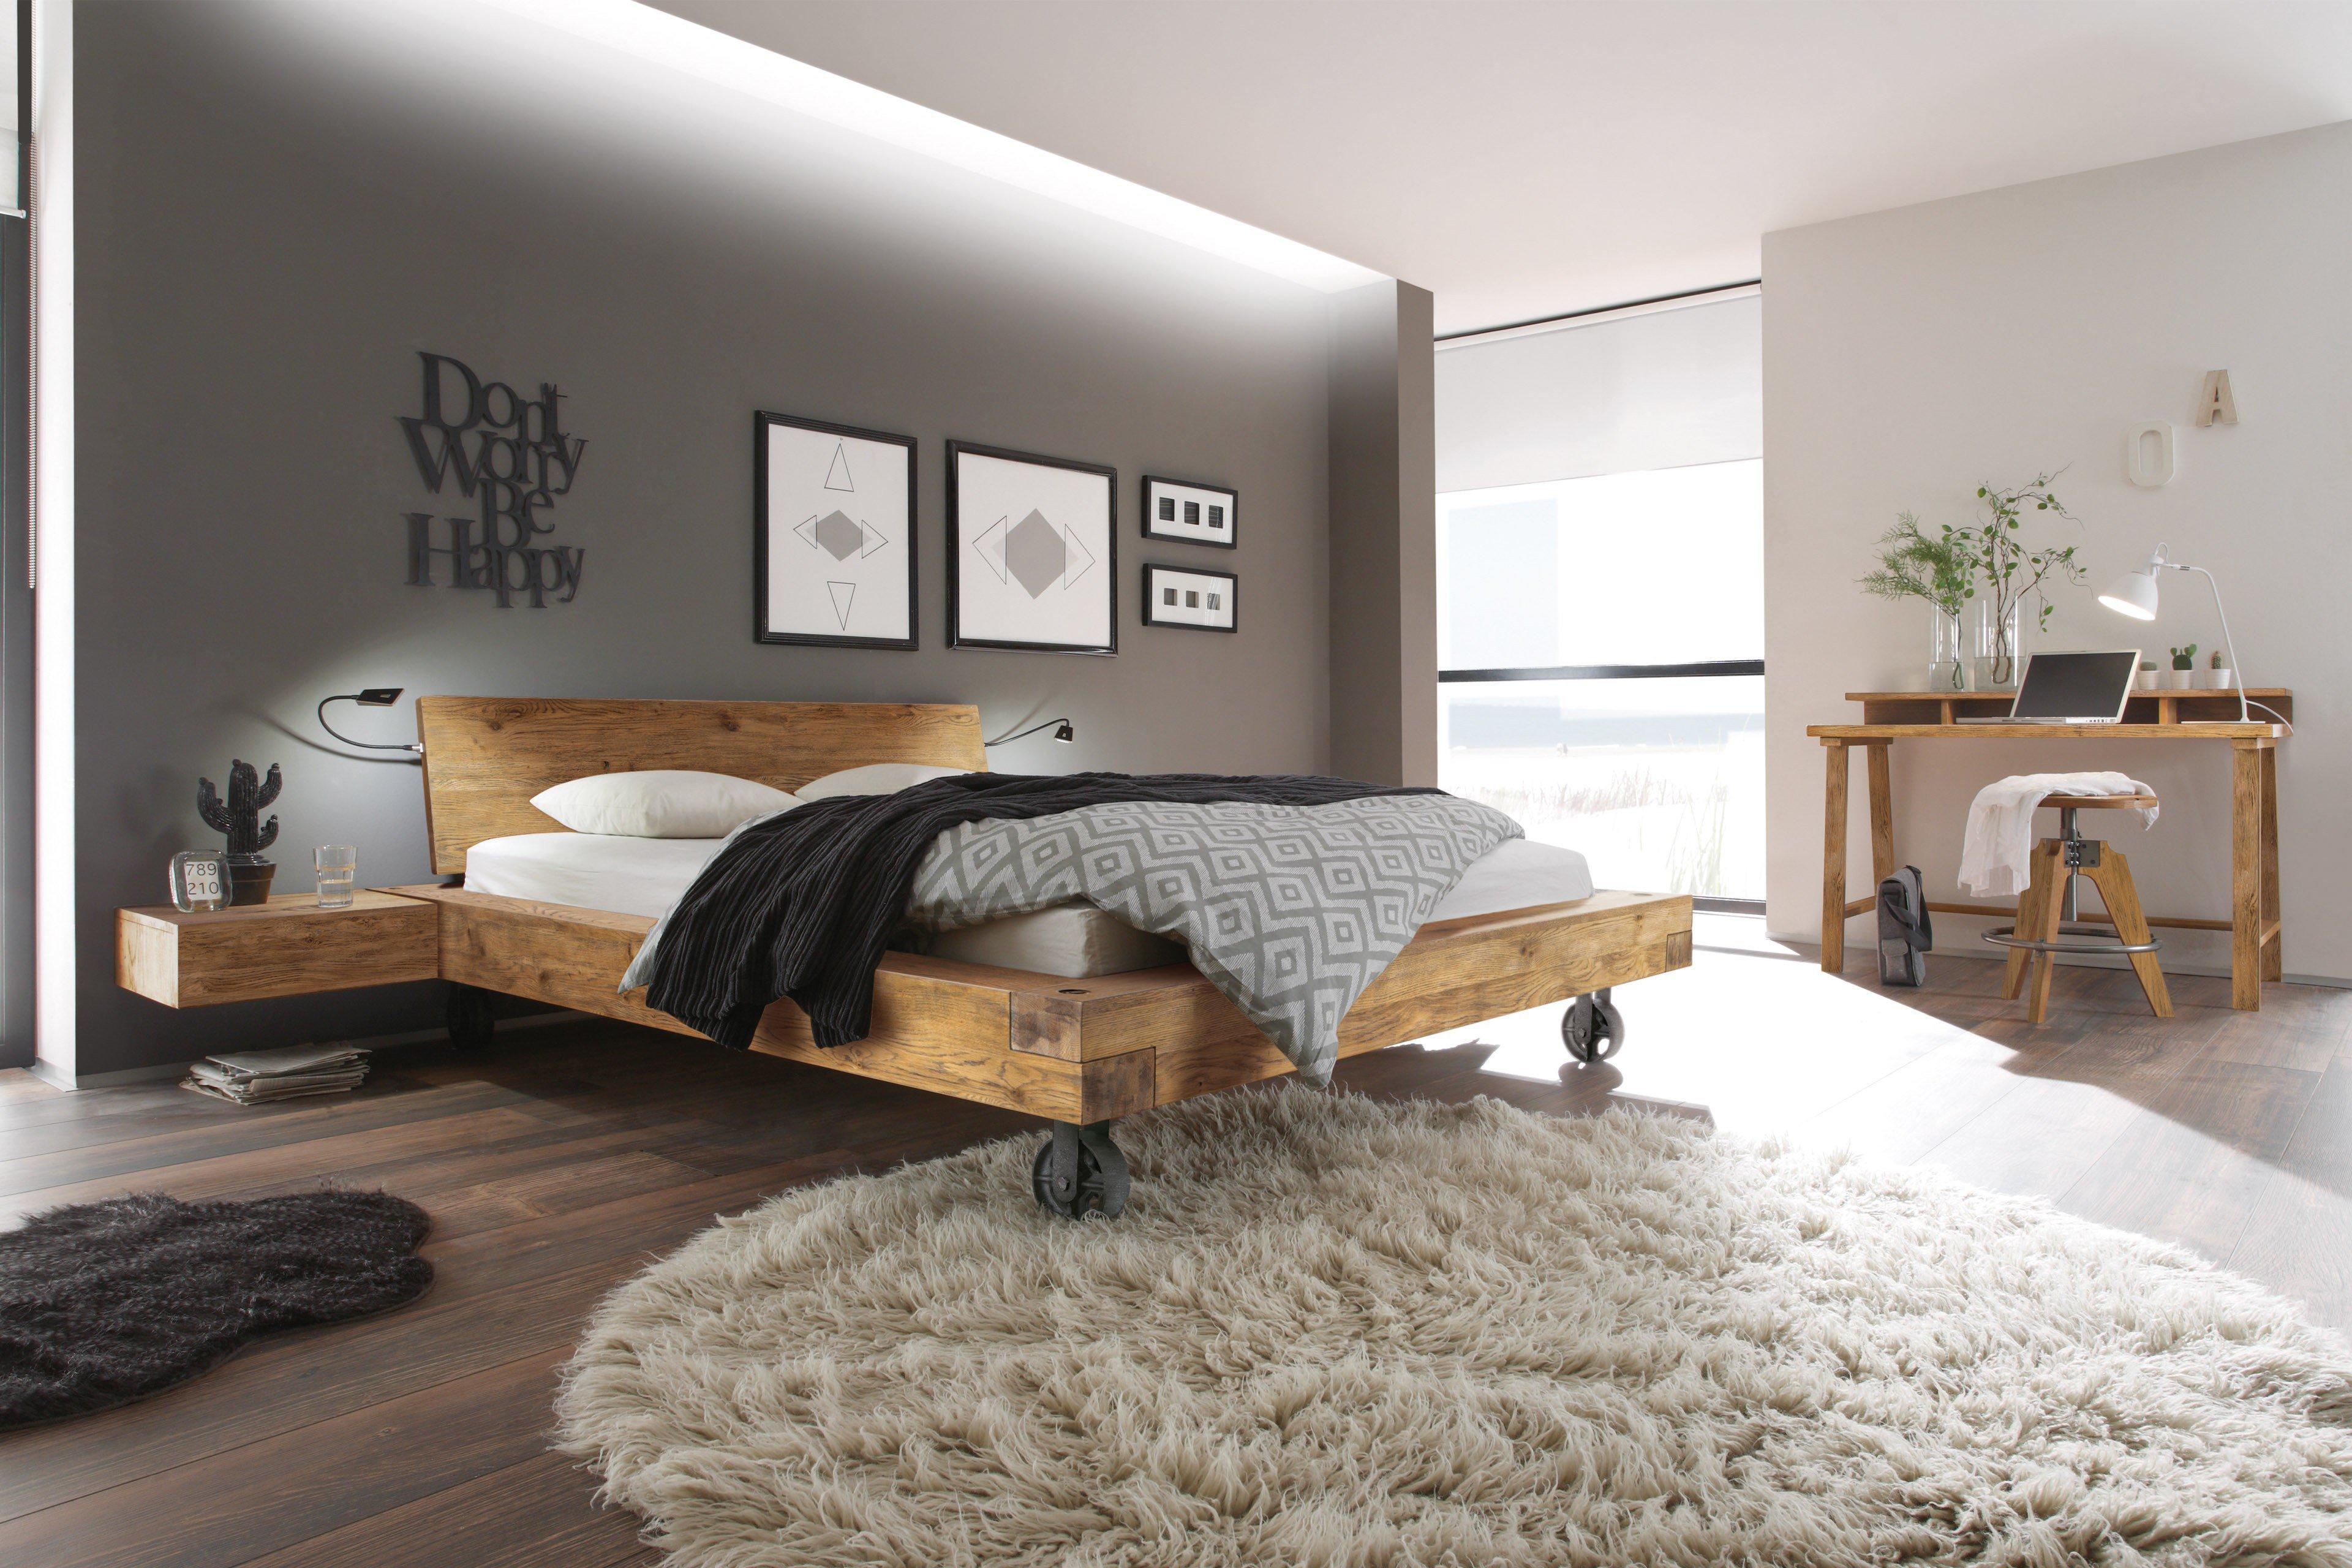 Accessoires schlafzimmer